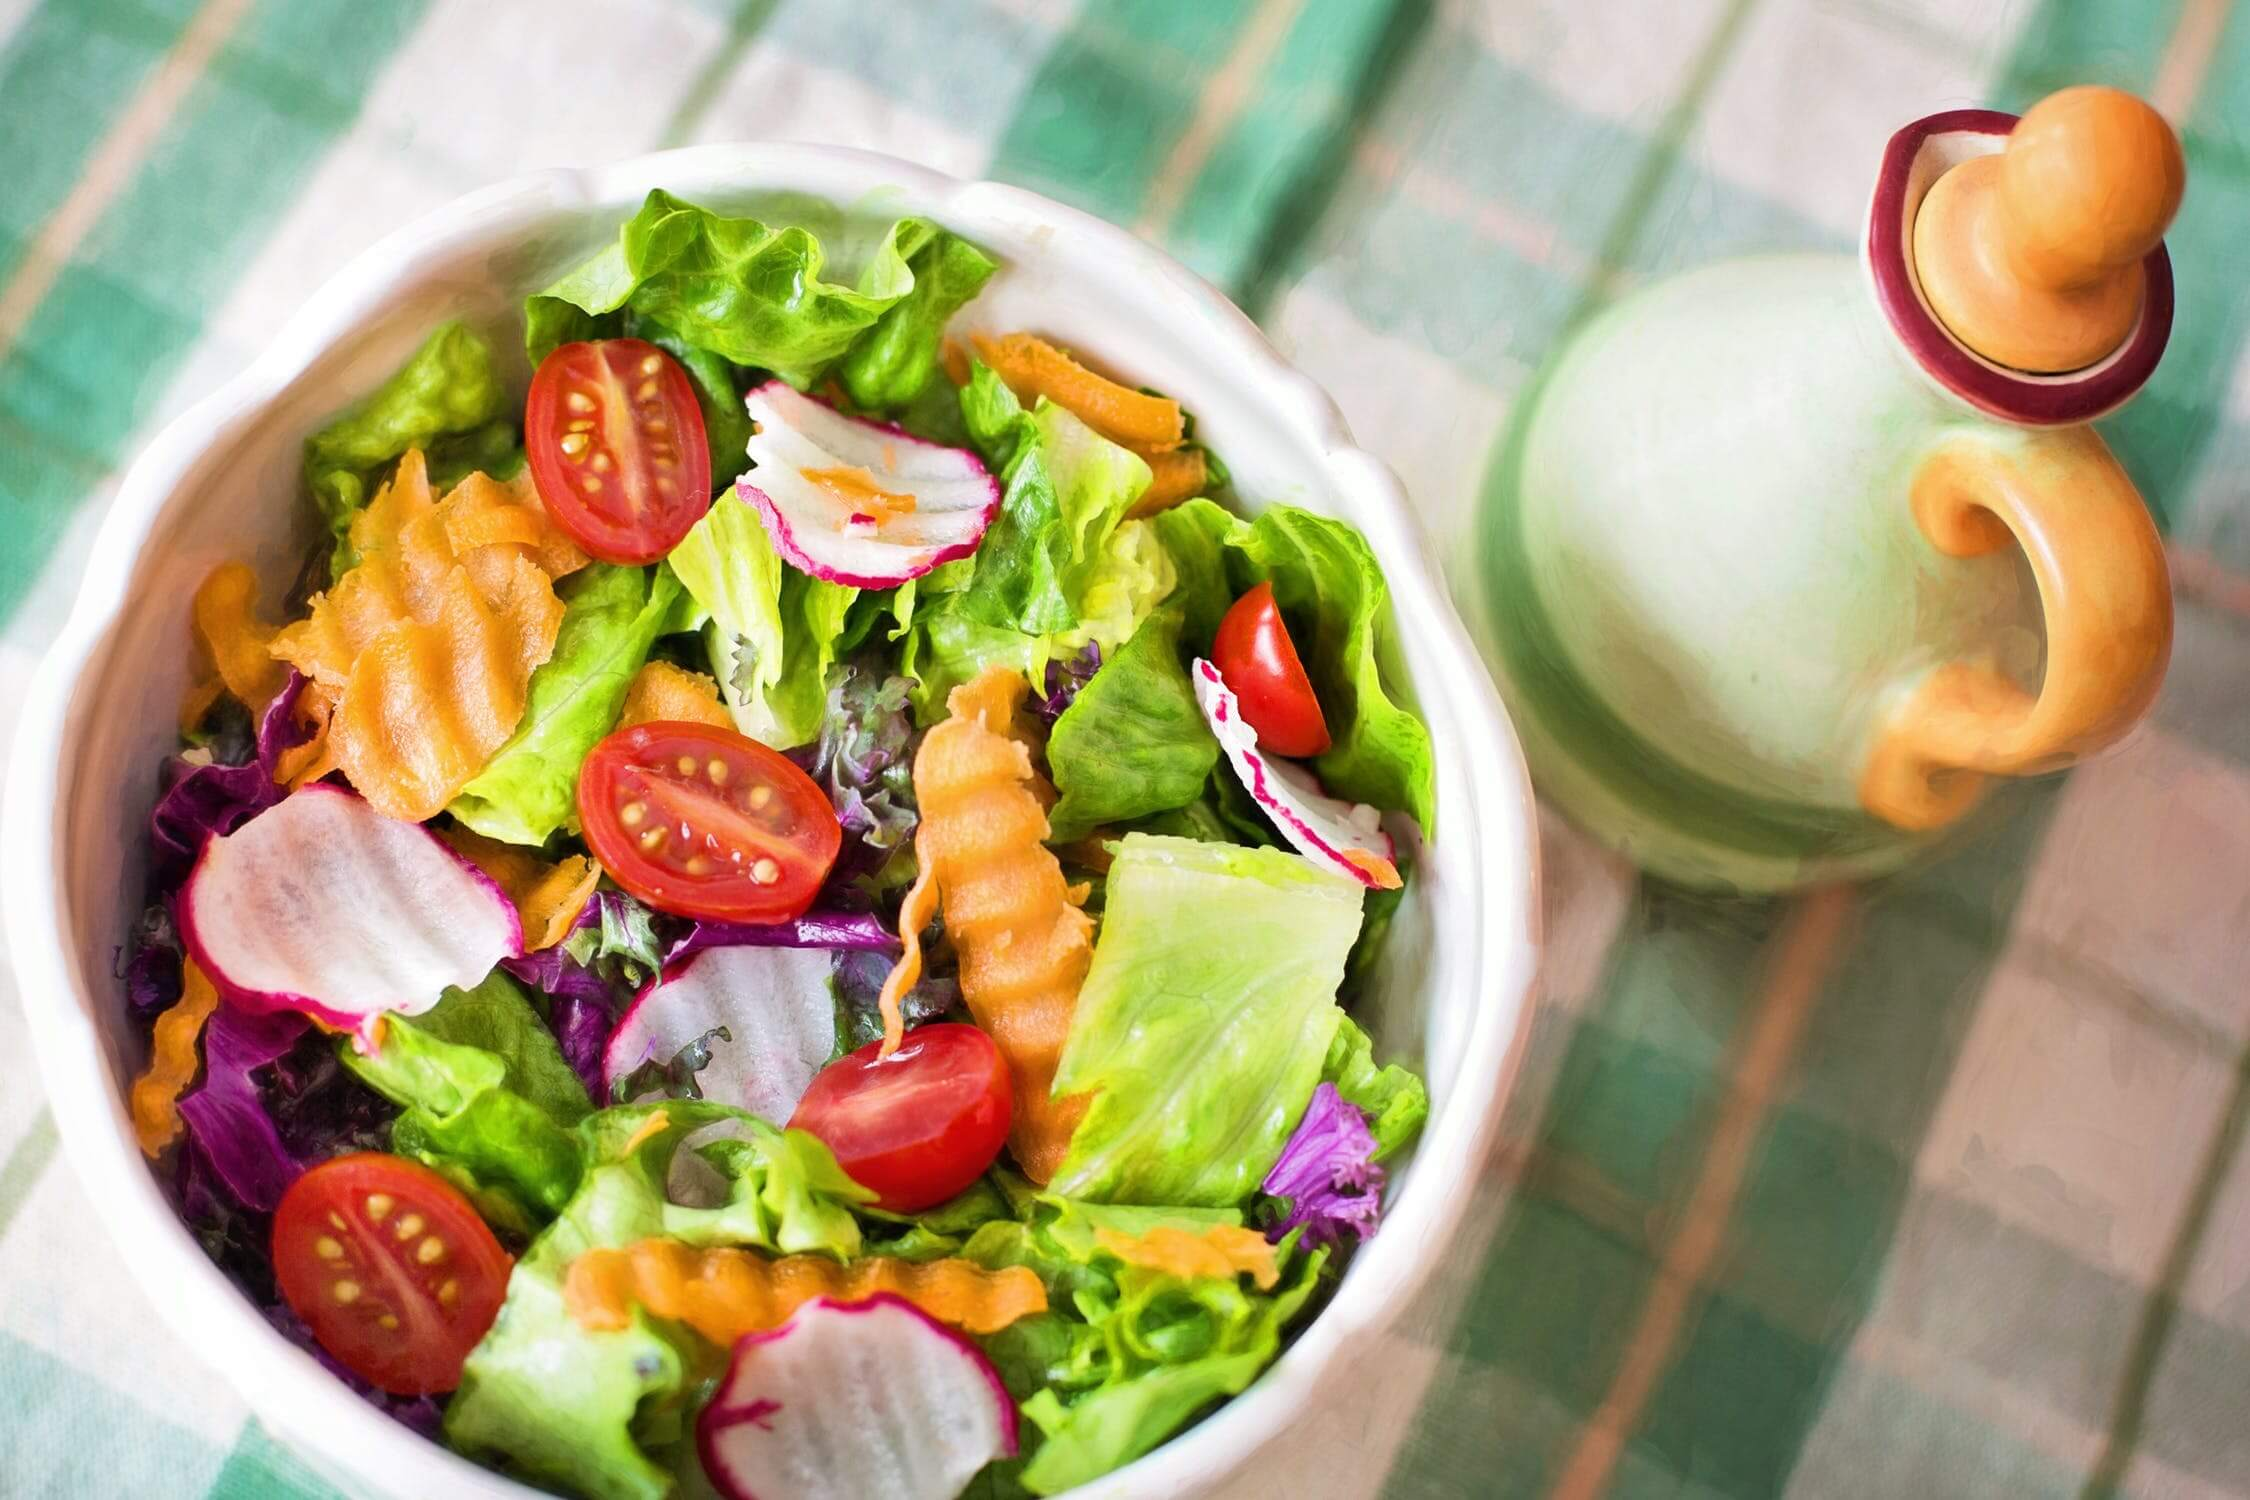 δείτε πως θα αποκτήσετε επίπεδο στομάχι, σαλάτα